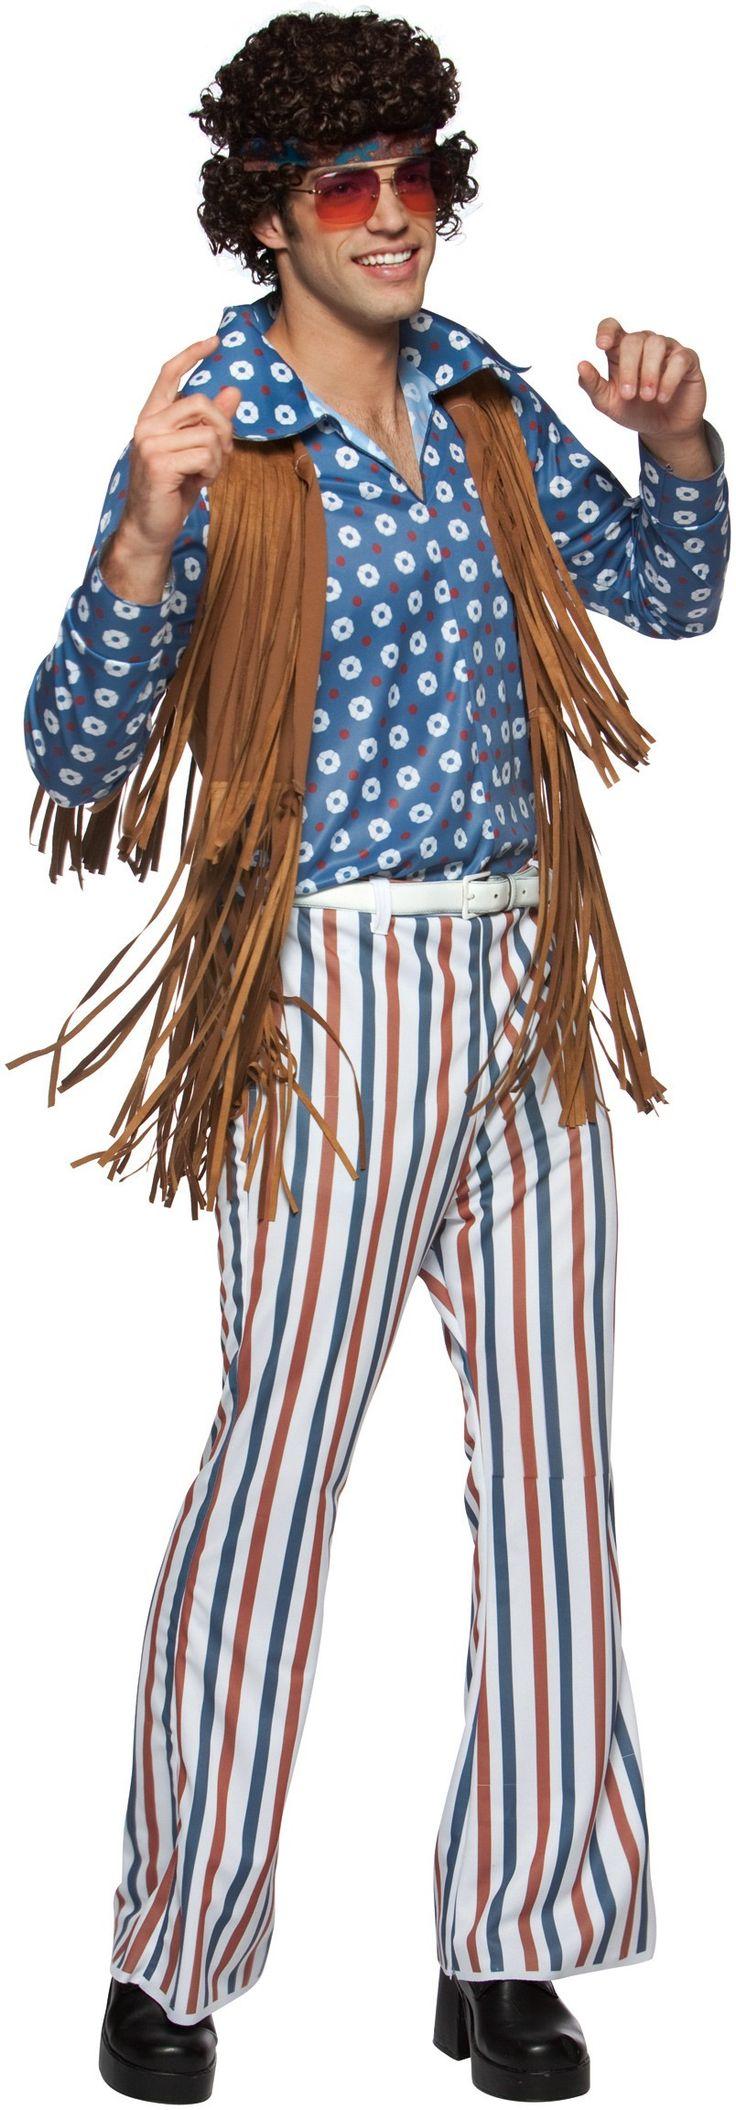 Brady Bunch Greg Brady as Johnny Bravo Adult Costume | Costumes.com.au